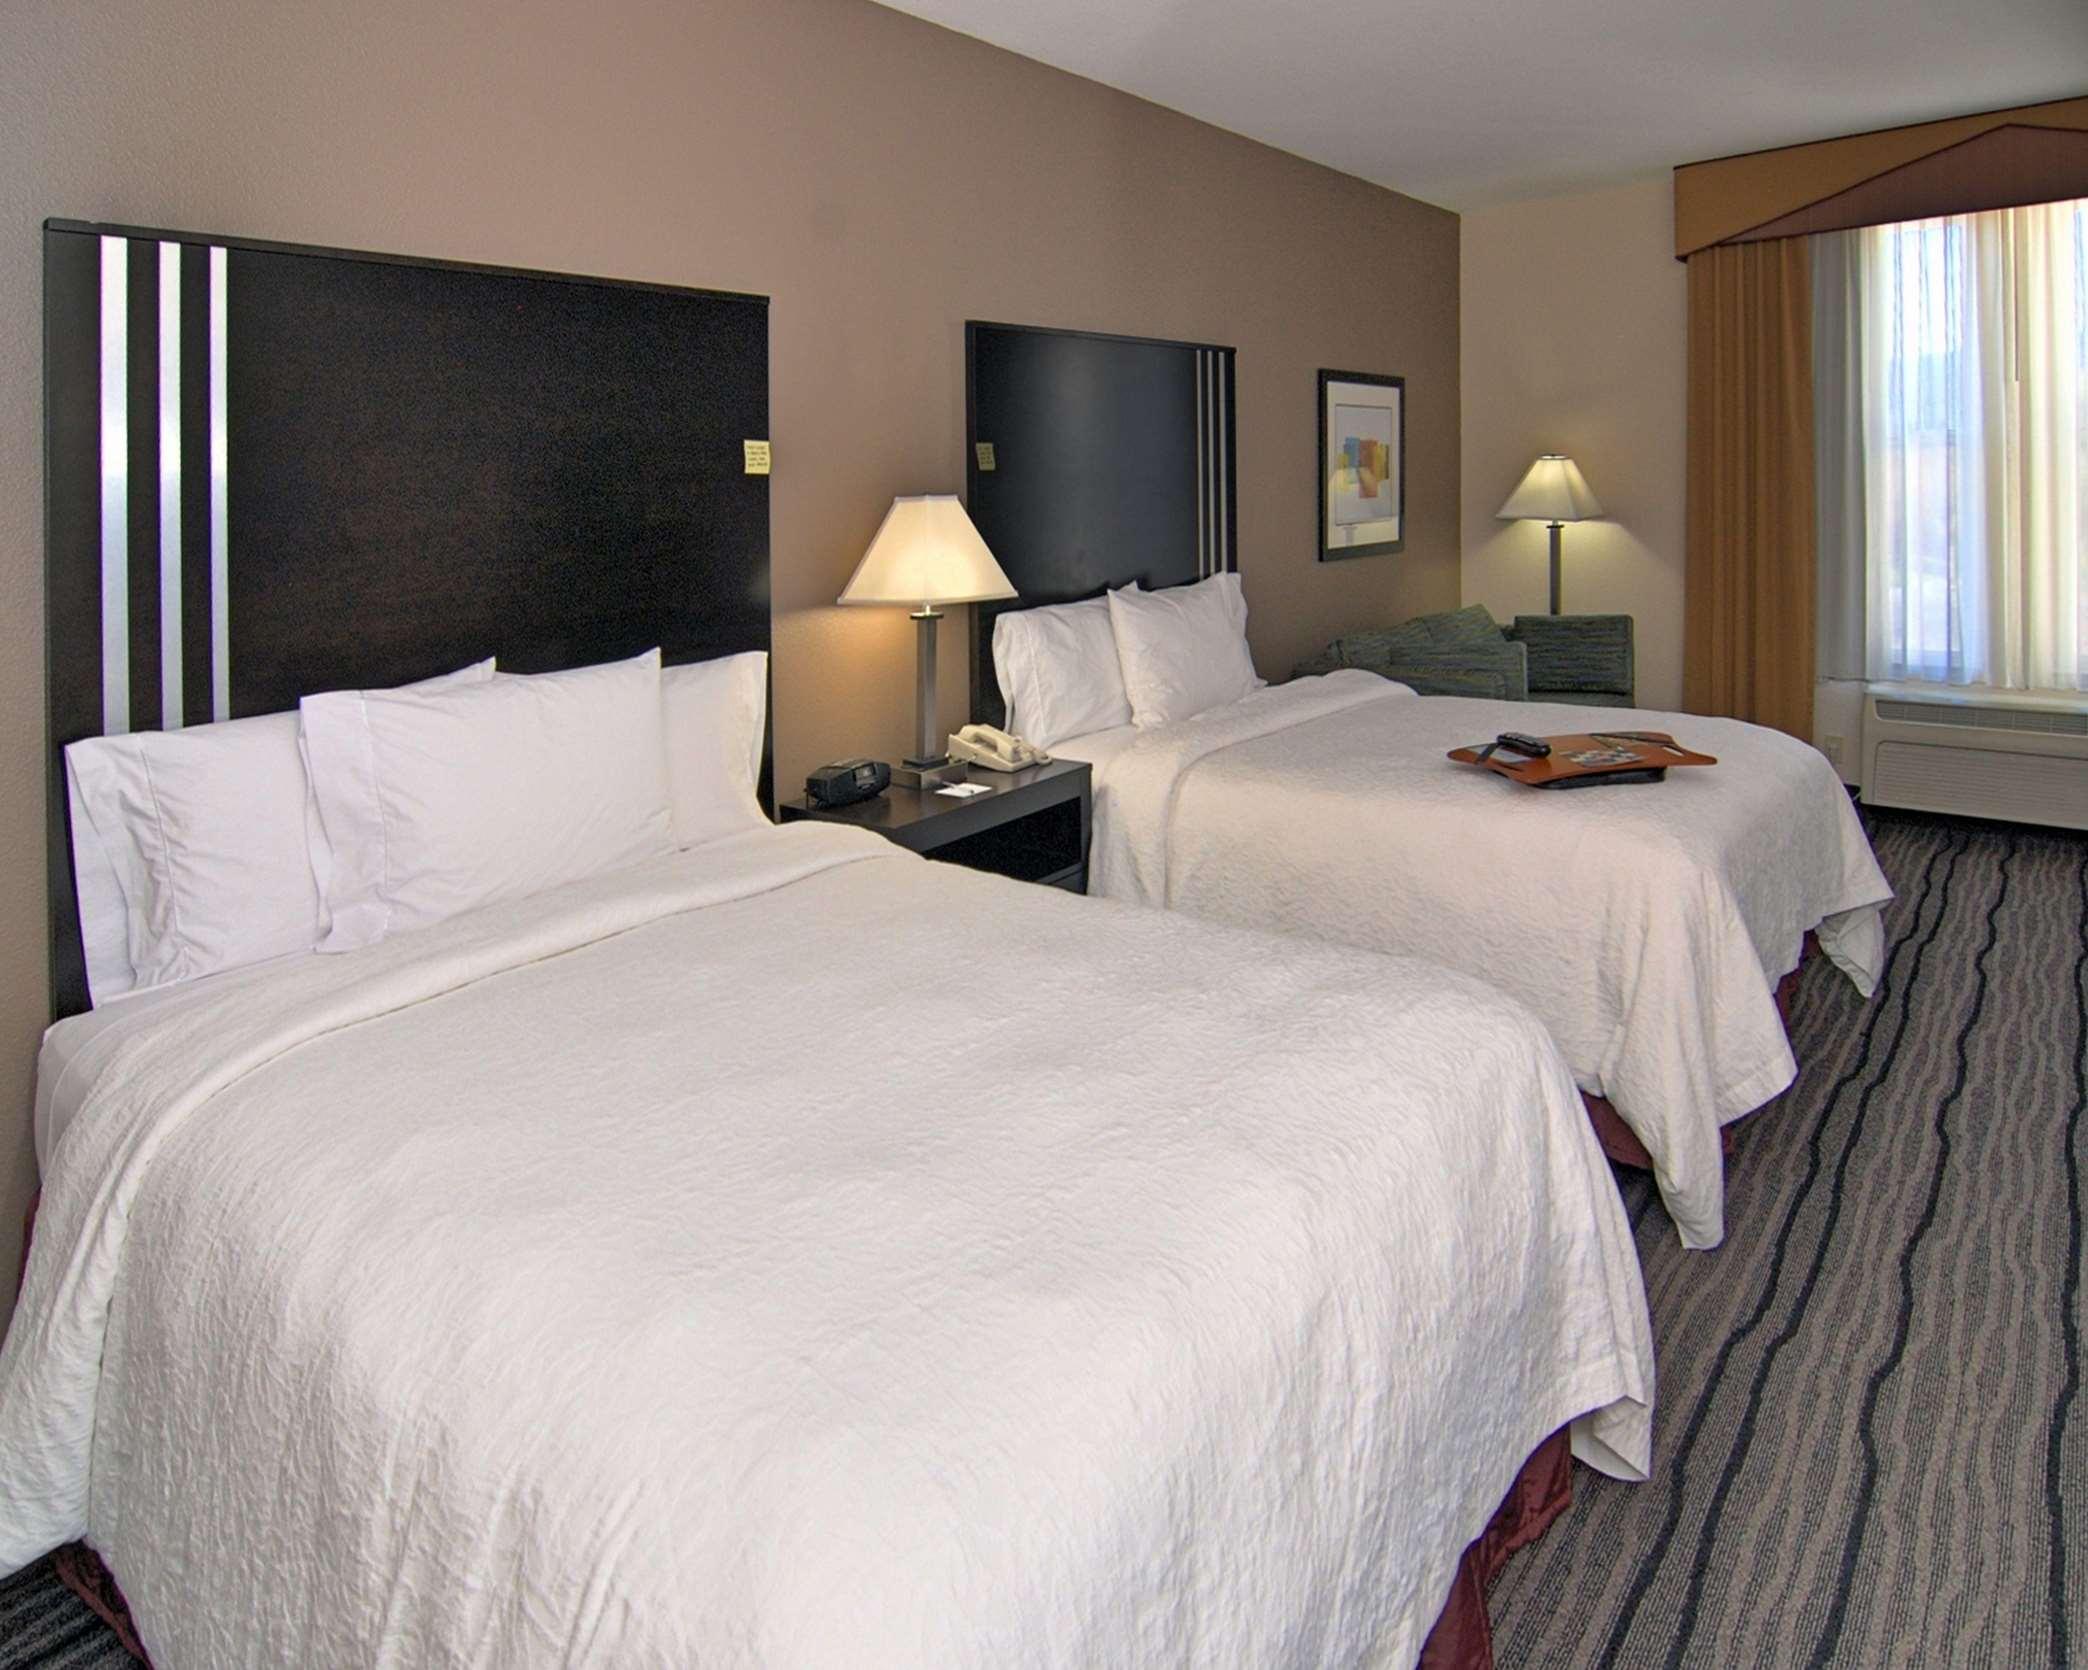 Hampton Inn & Suites Mountain View image 16